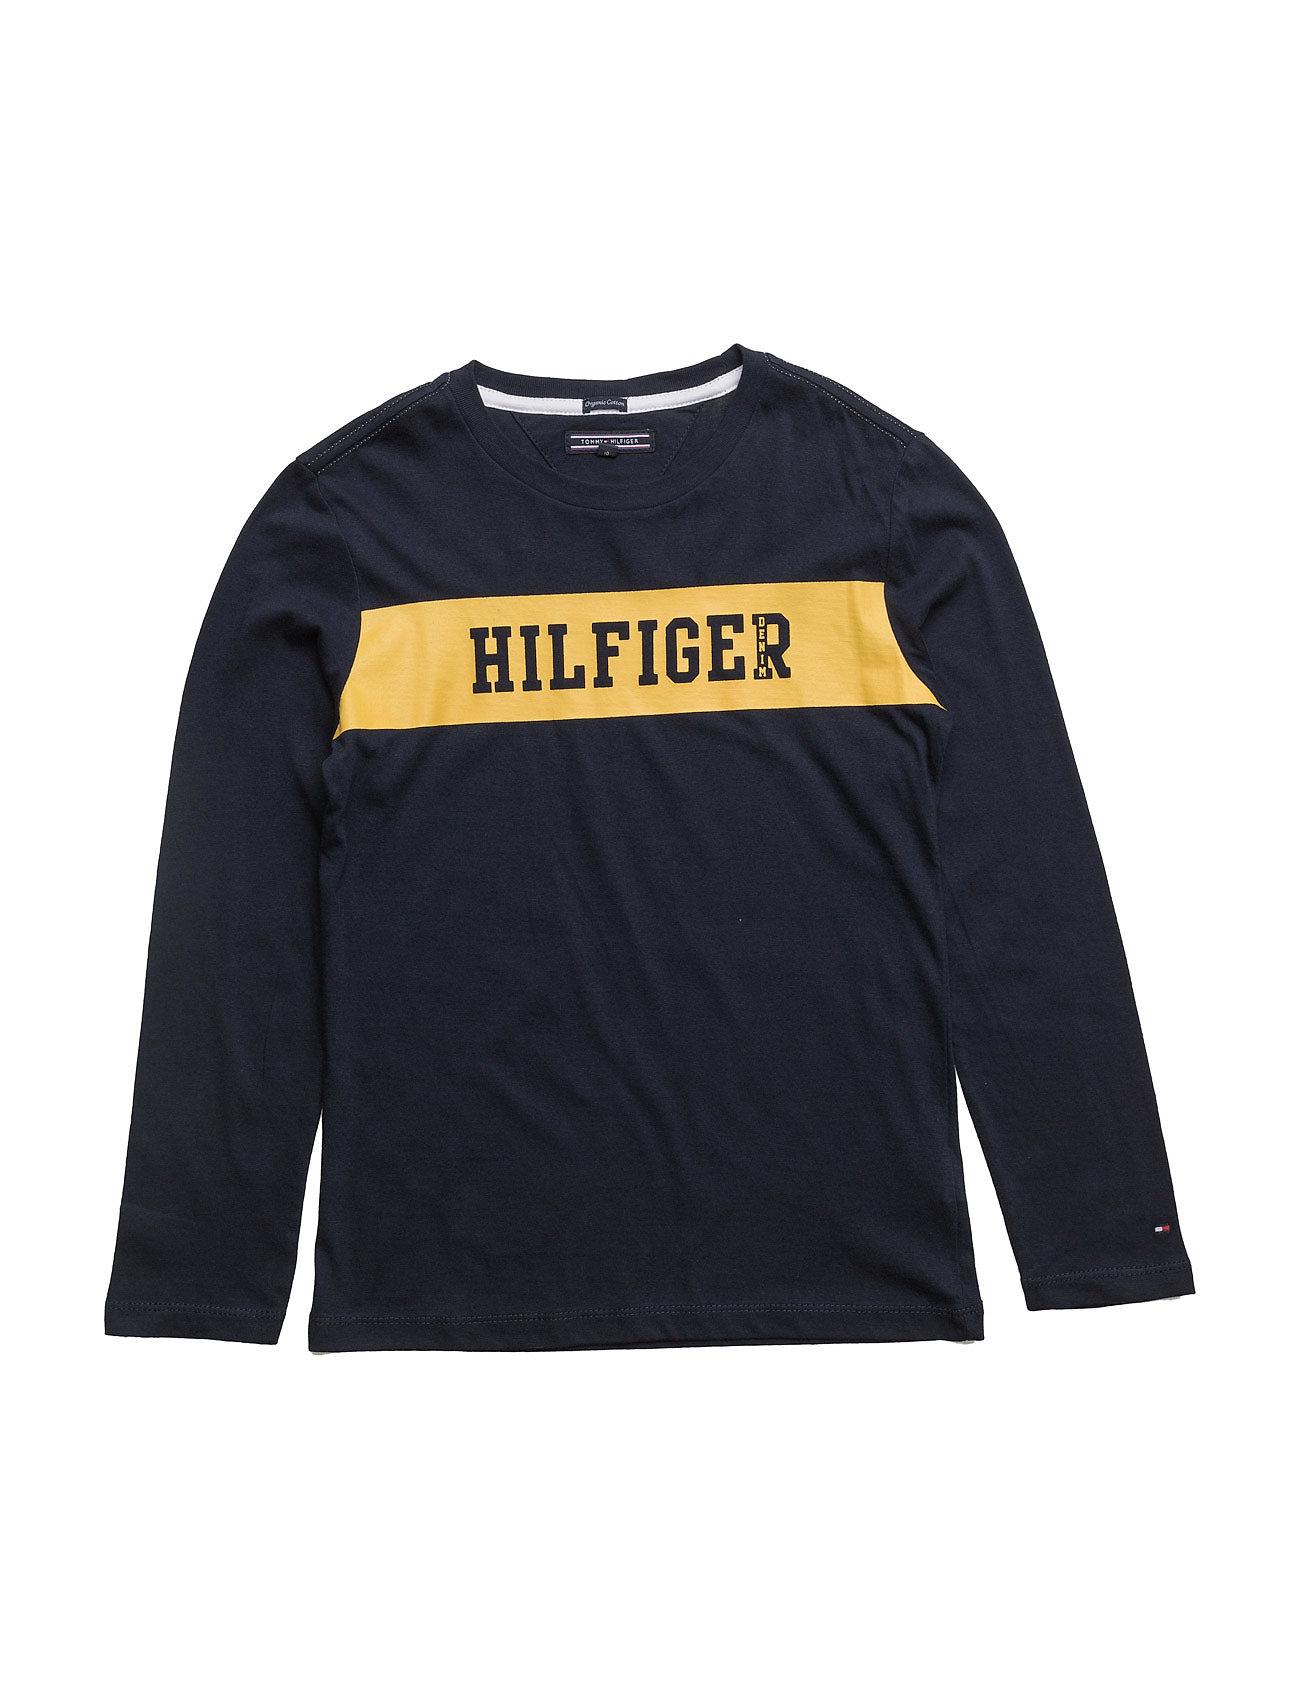 Ame Big Logo Cn Tee L/S Tommy Hilfiger Langærmede t-shirts til Børn i Blå